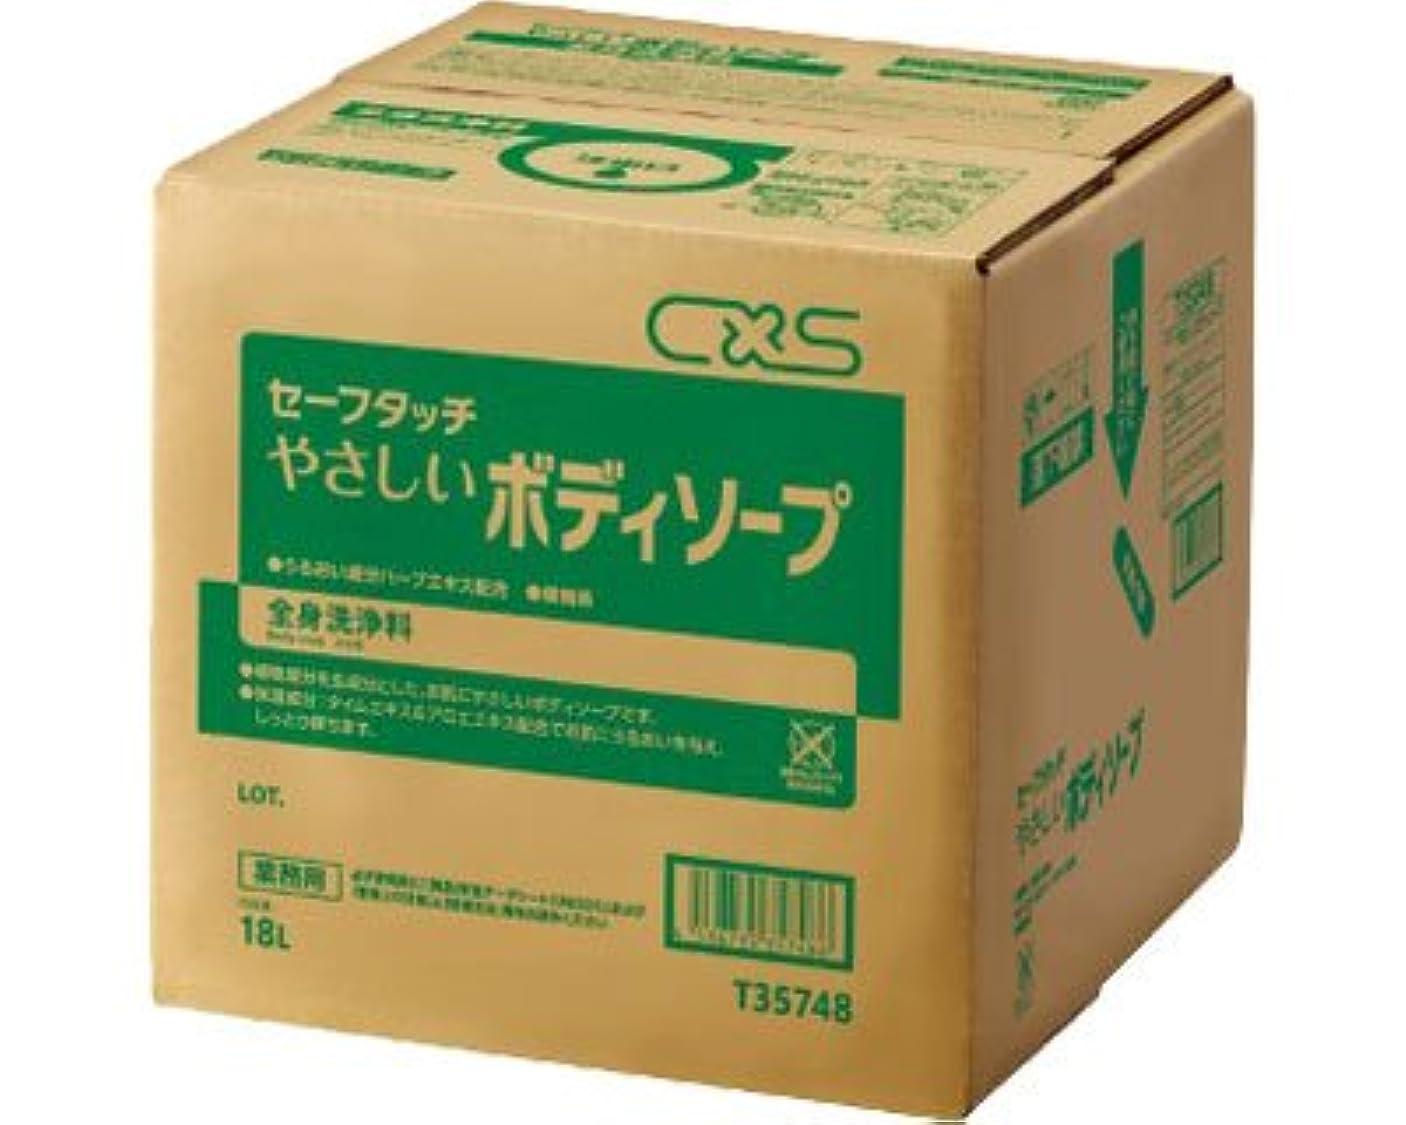 セーフタッチ やさしいボディソープ 18L T35748 (ディバーシー) (清拭消耗品)